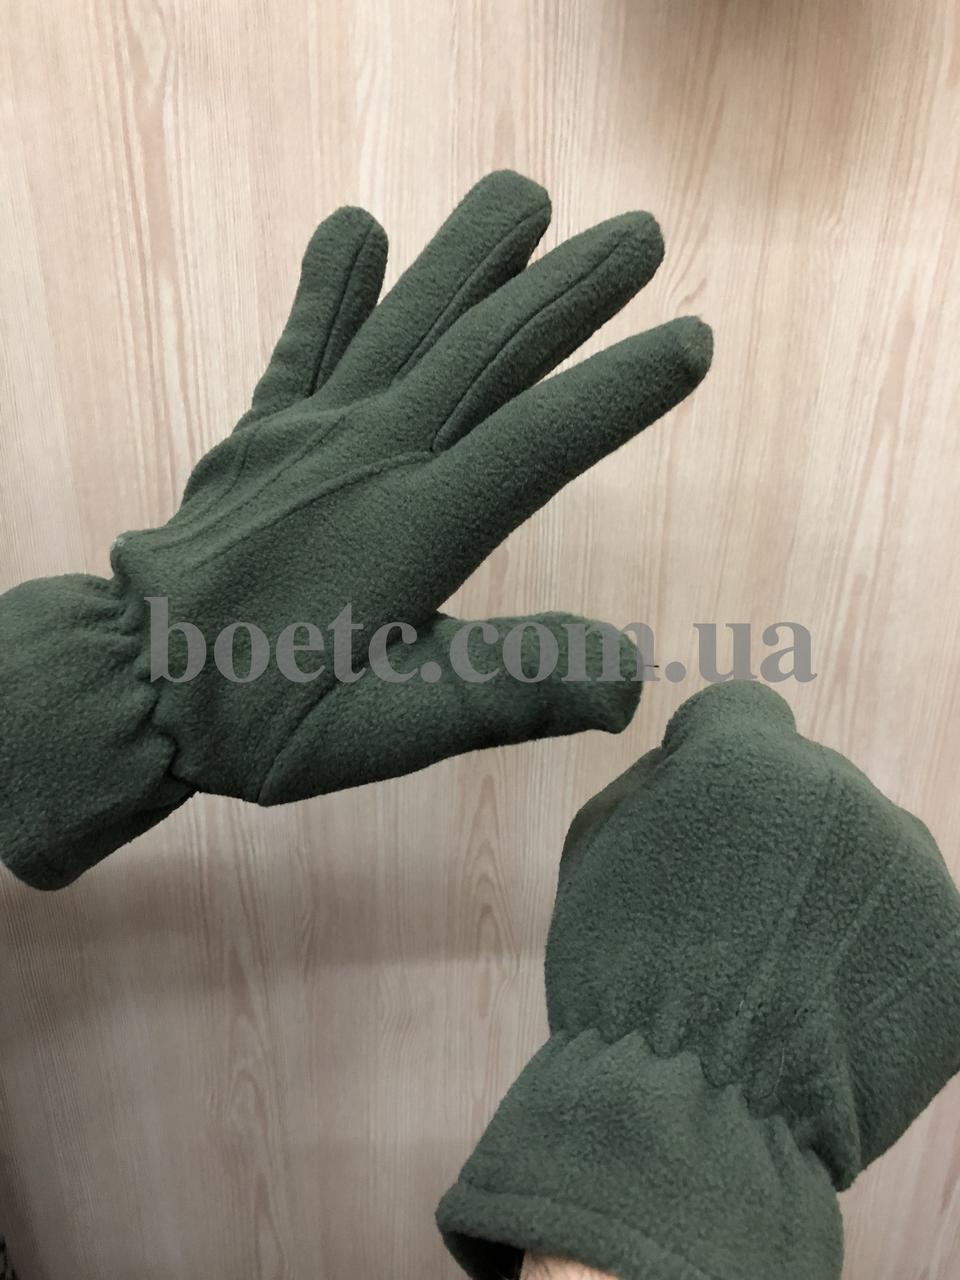 Перчатки флисовые (олива)